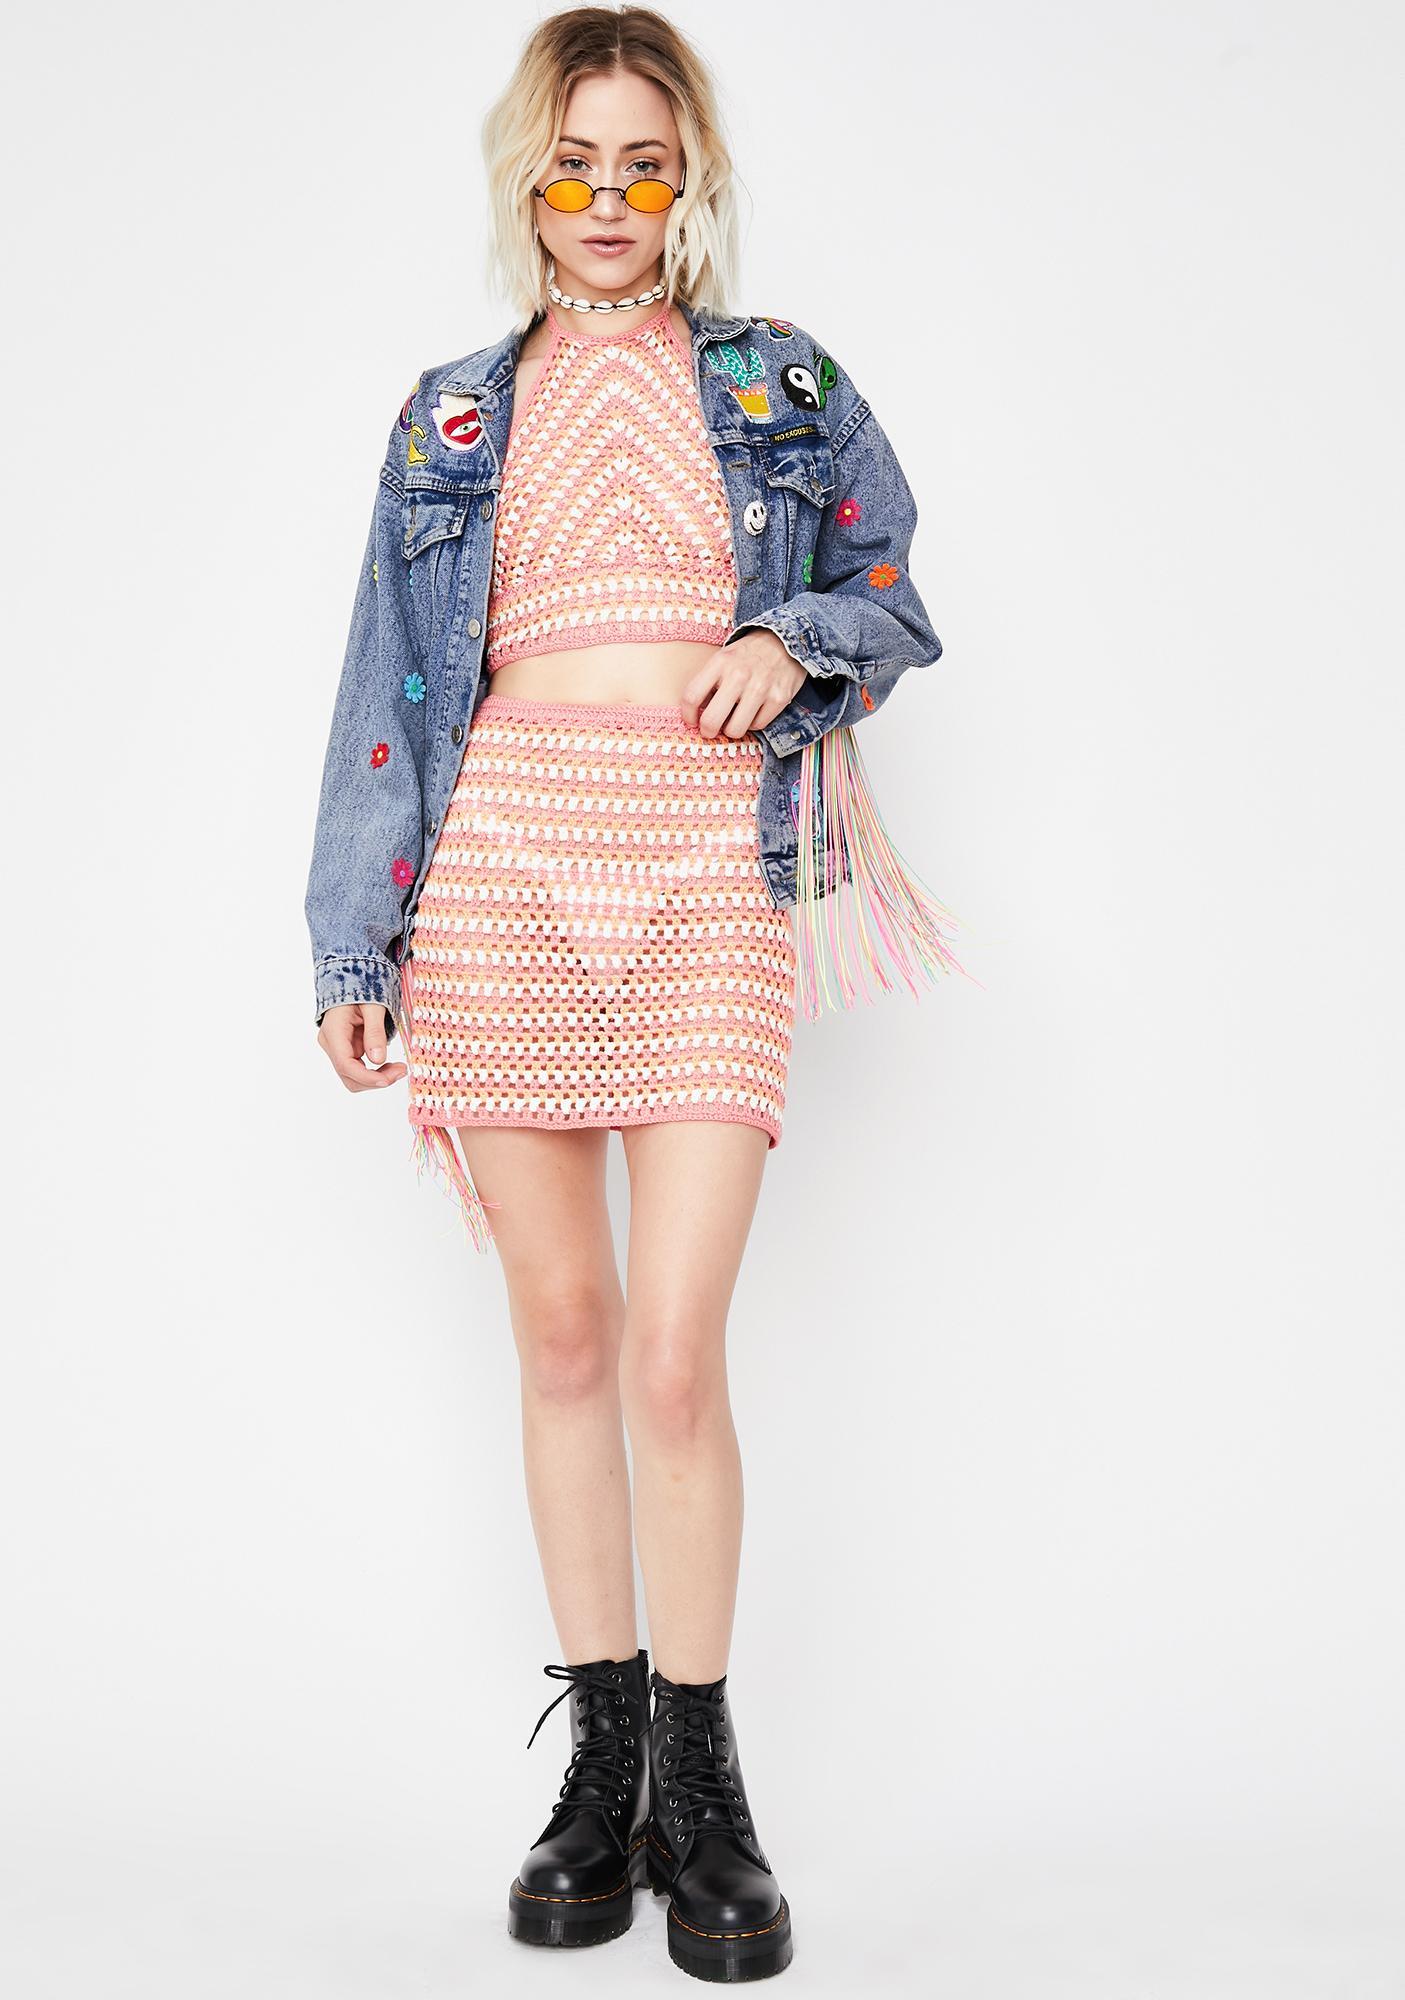 Summer Fling Crochet Top